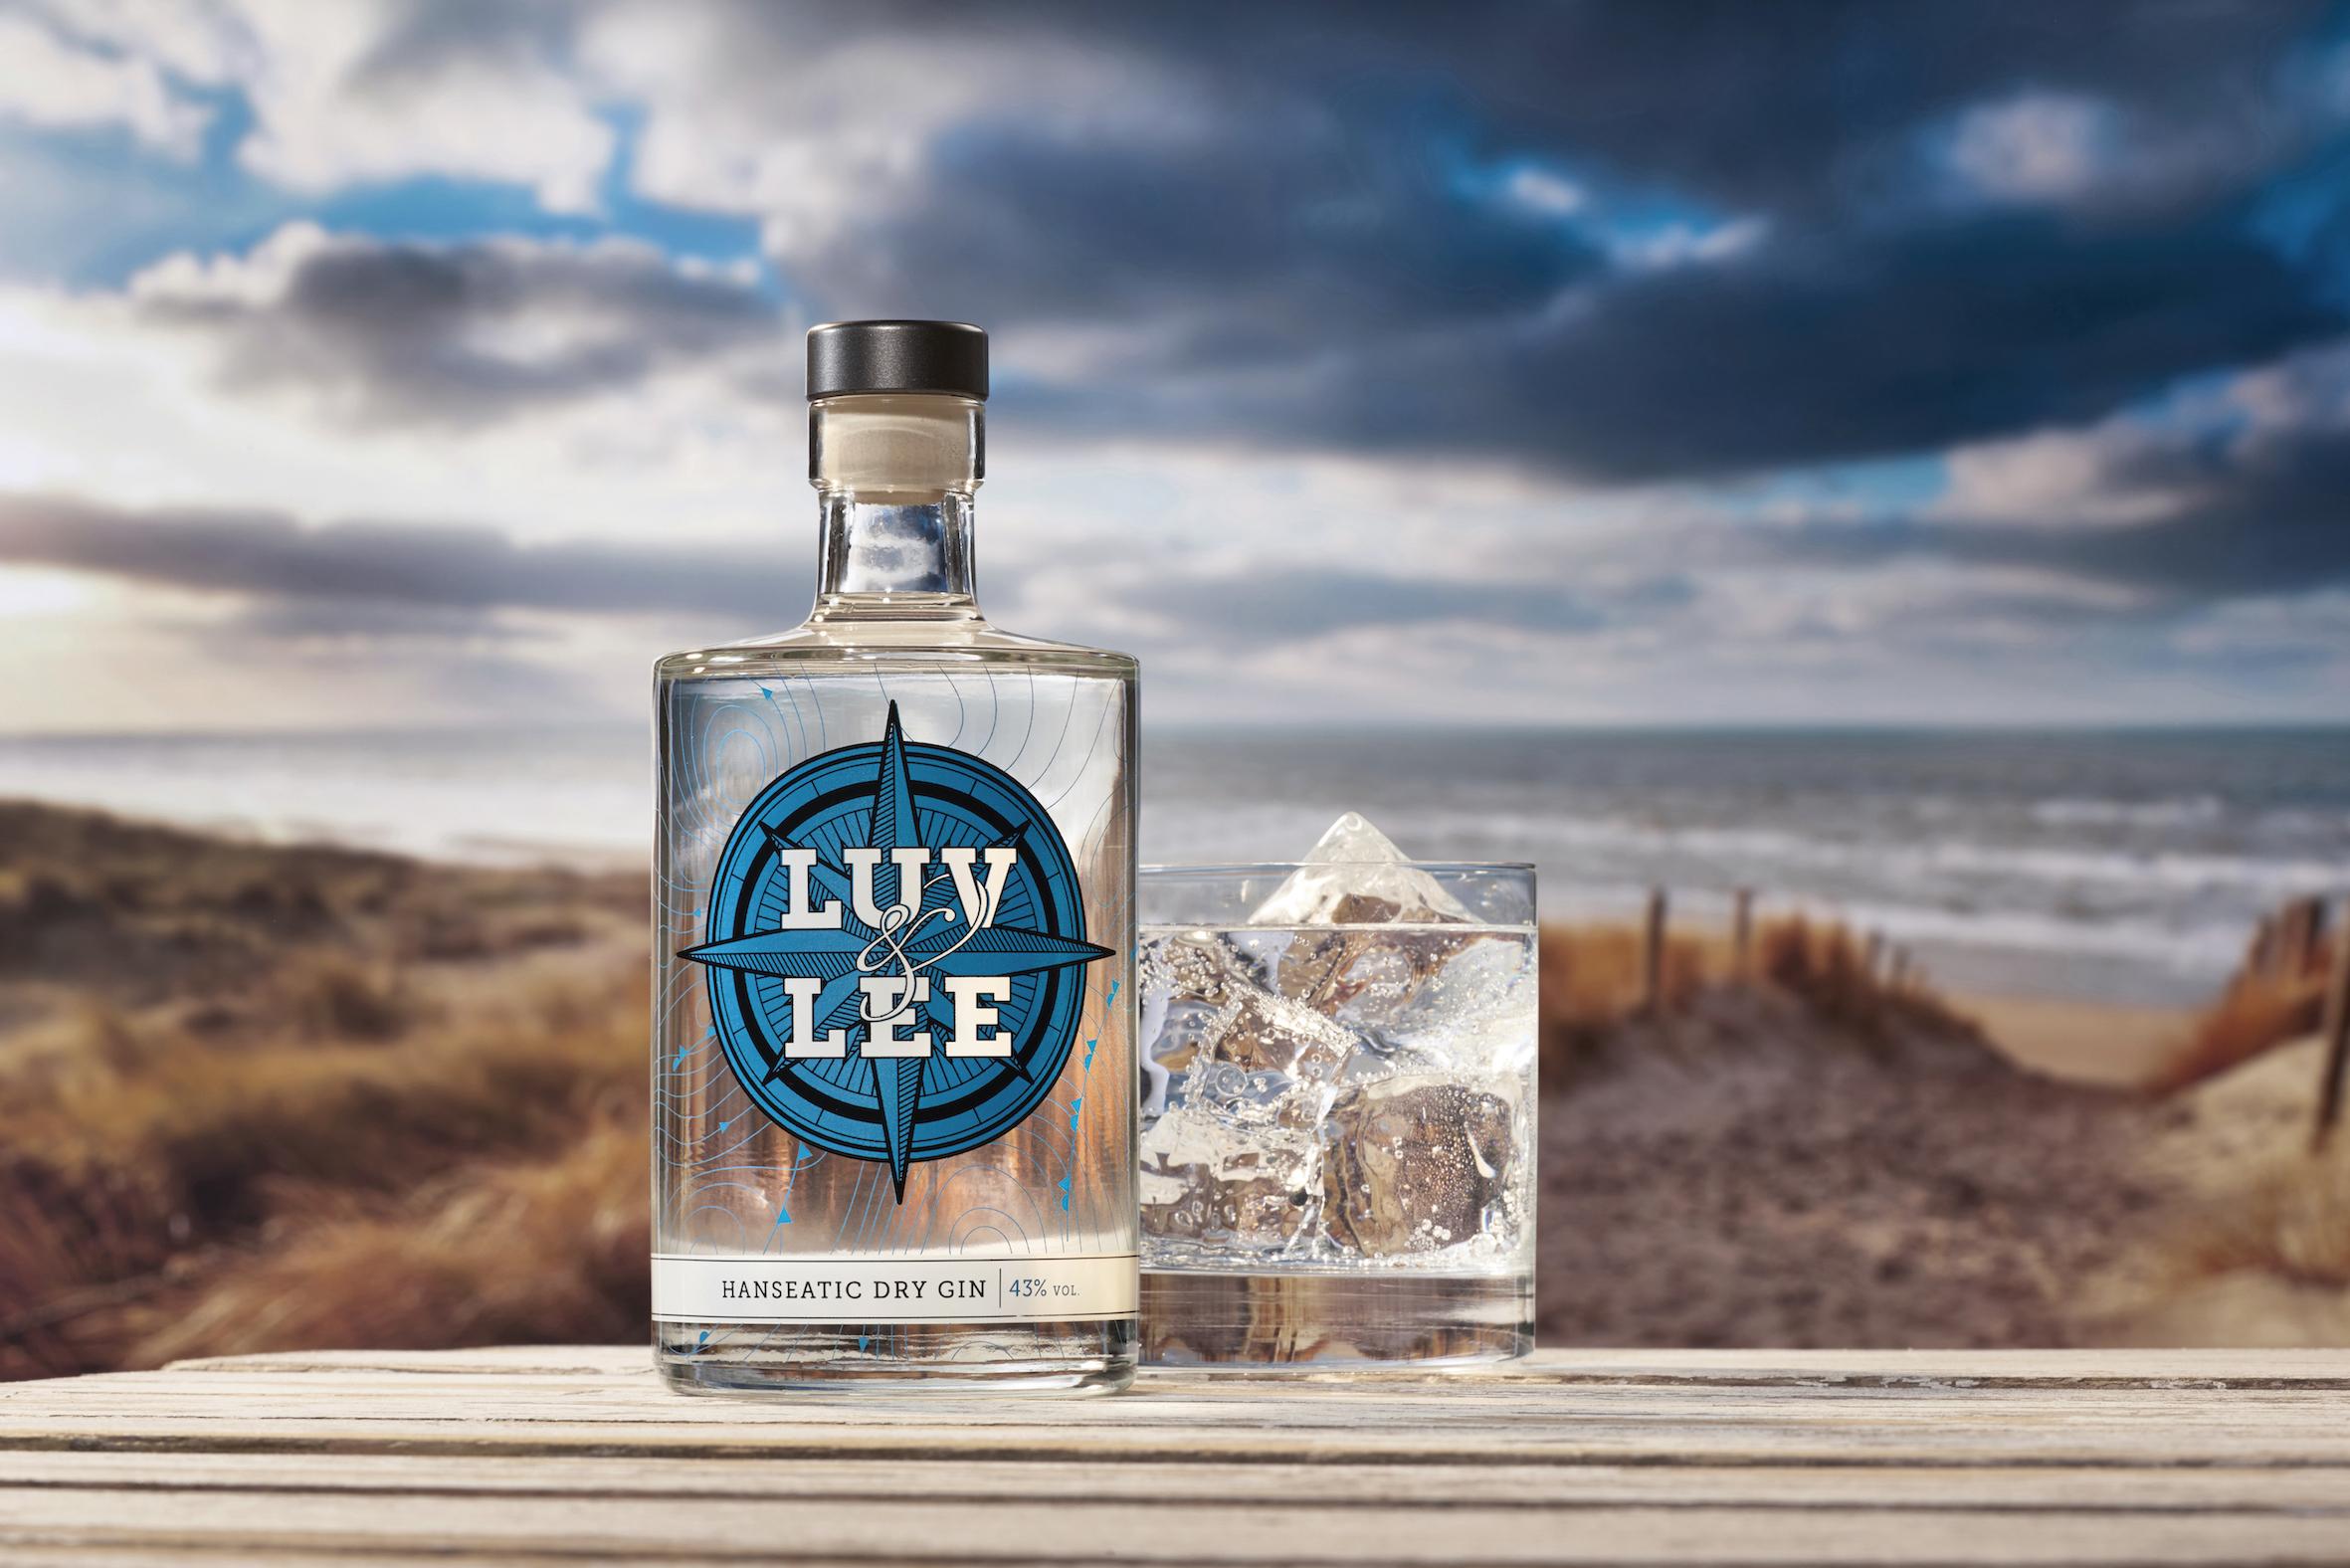 LUV & LEE Hanseatic Dry Gin: Frischer Wind im Glas!